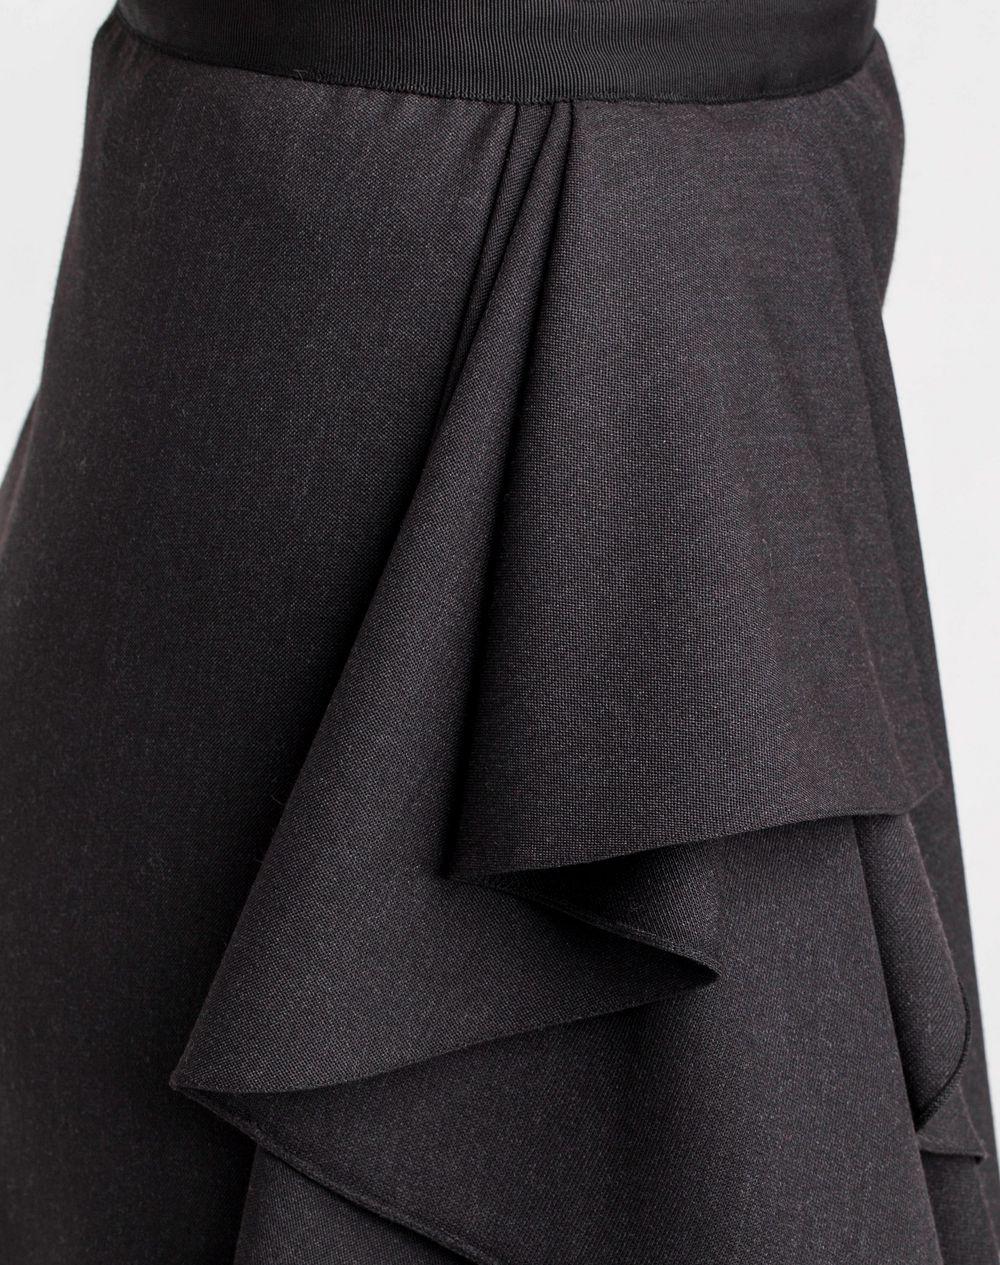 Grain de poudre skirt - Lanvin